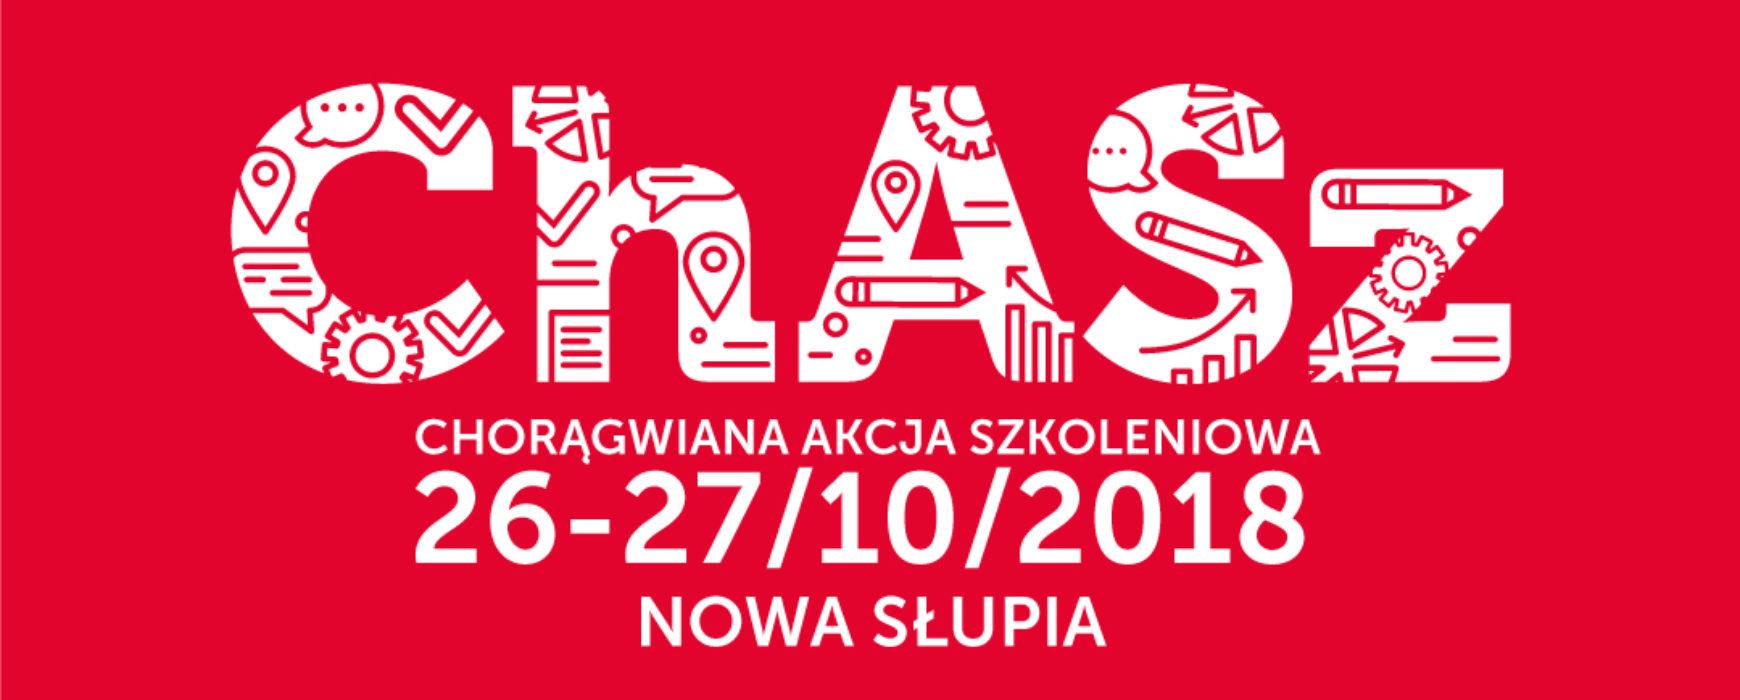 Chorągwiana Akcja Szkoleniowa – jesień 2018